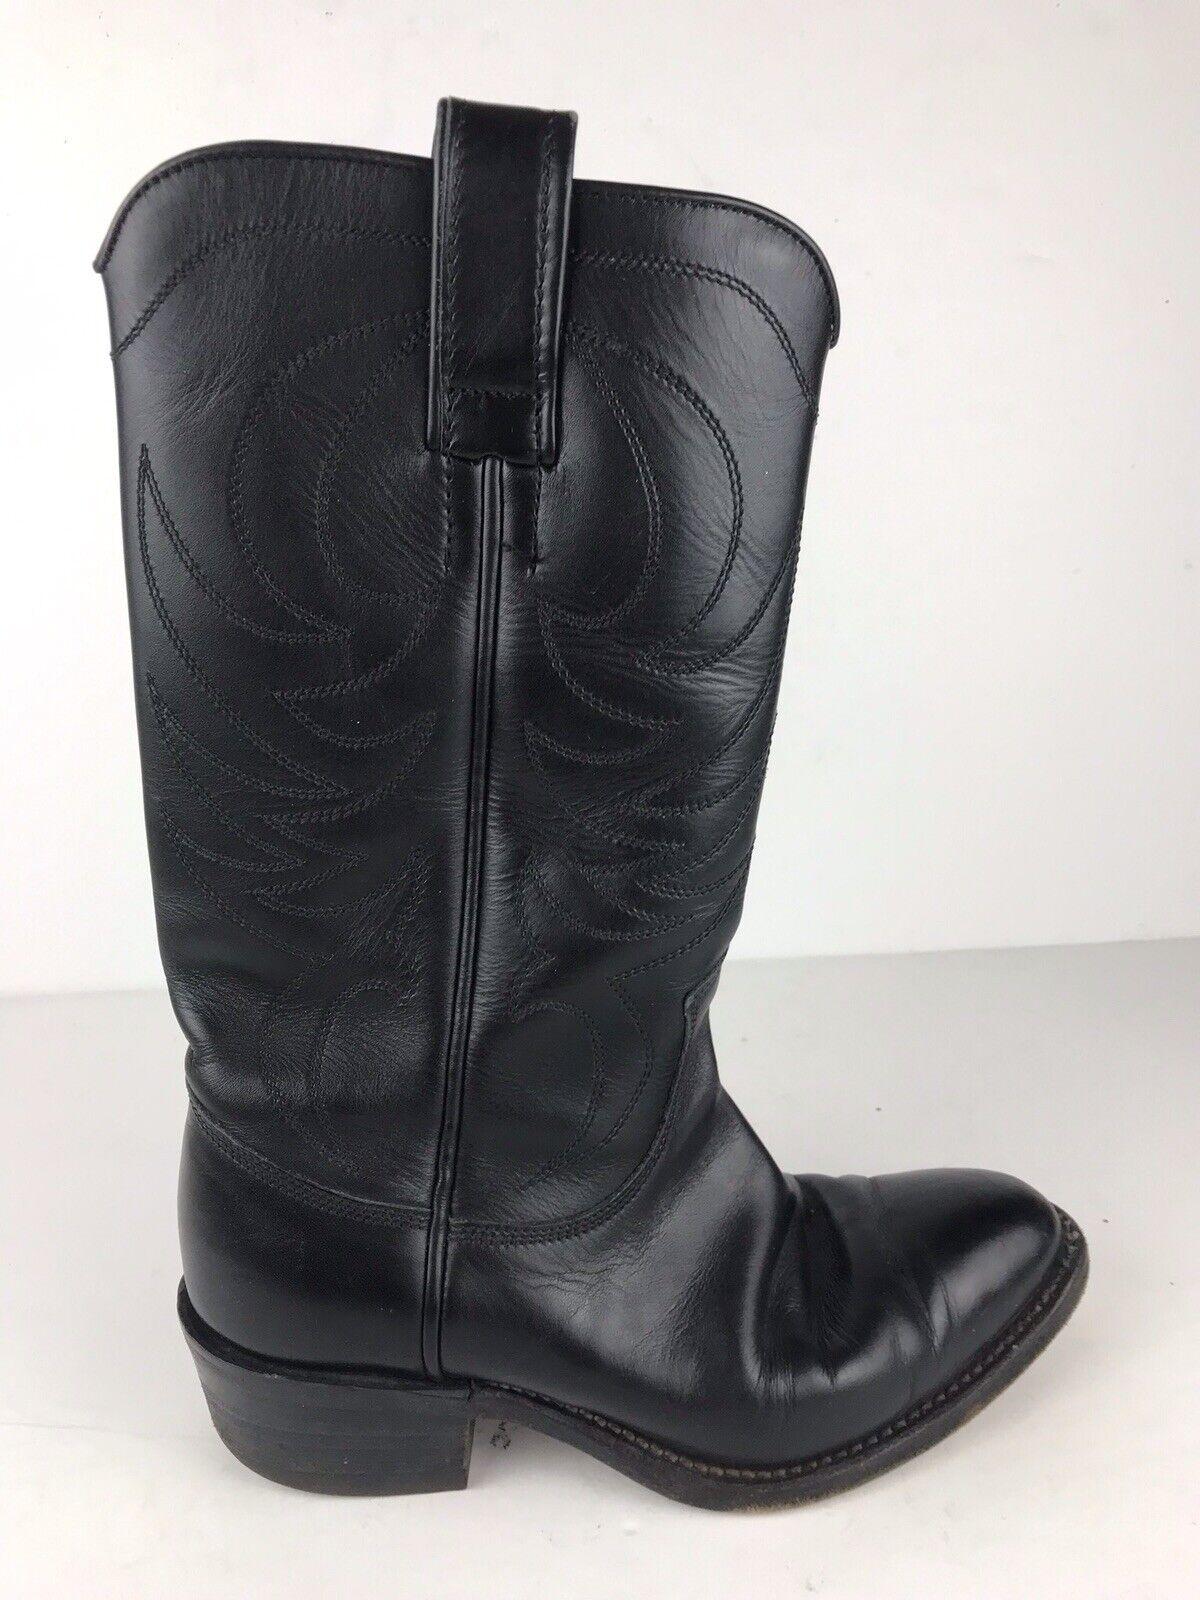 negozio di sconto RM Williams Donna  Sz 5 G nero Leather Leather Leather Tall Cowboy Western stivali  ordina ora i prezzi più bassi